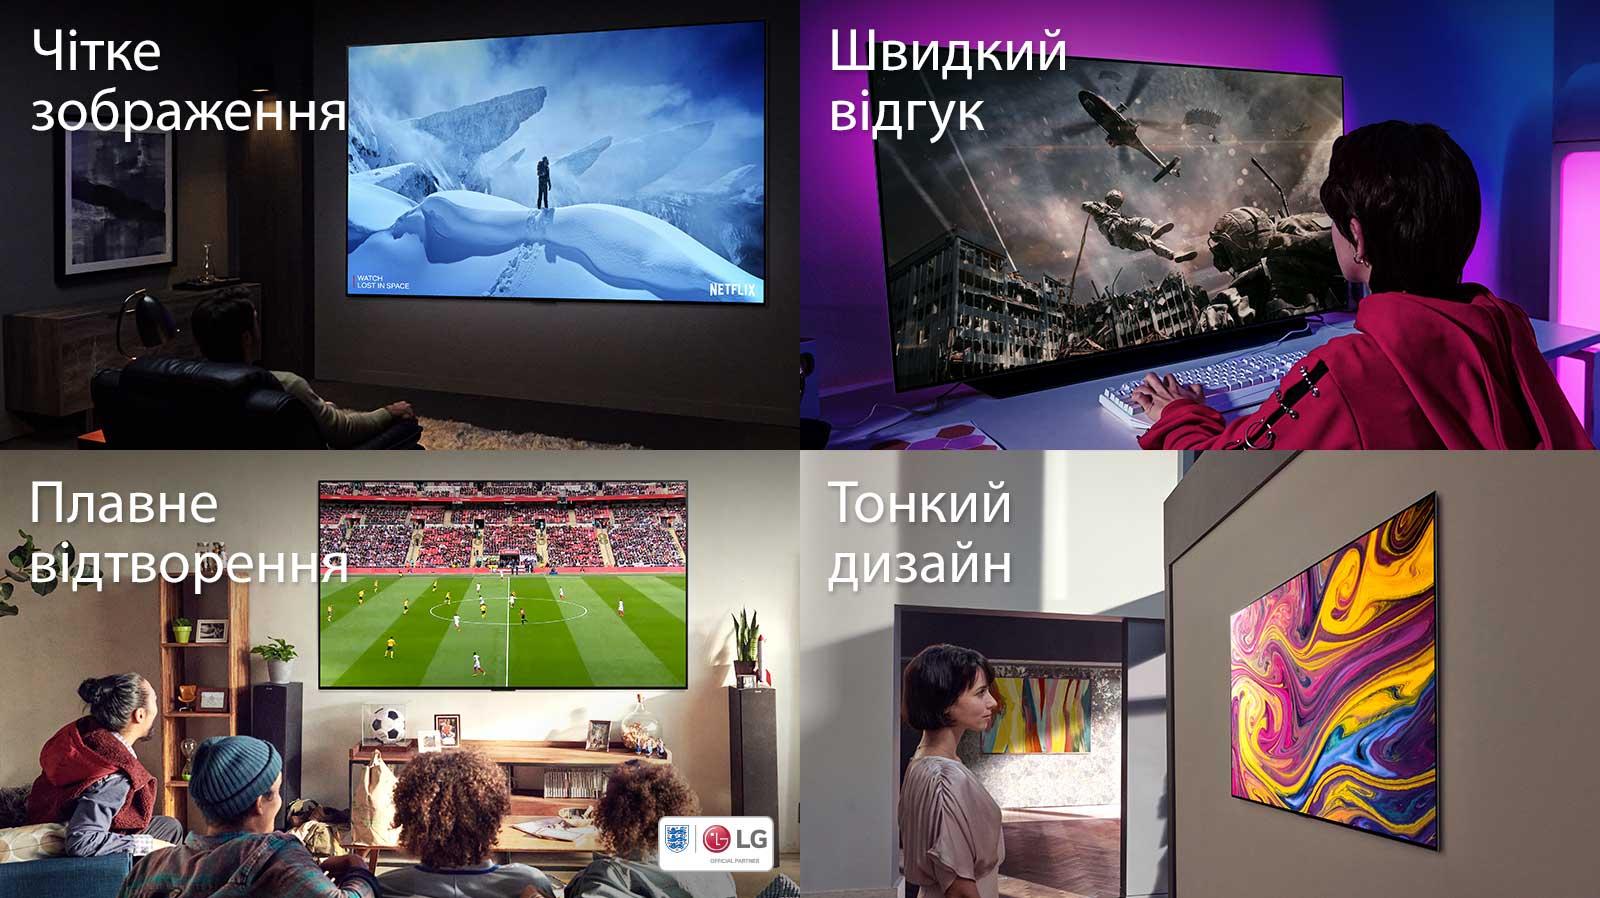 Чоловік сидить на дивані в темній кімнаті й дивиться телевізор, на якому зображено людину, яка стоїть посеред засніженої гори. Дівчина грає в комп'ютерну гру на великому екрані телевізора, де зображено солдата, який спускається з гелікоптера. Четверо людей сидять на дивані у вітальні й дивляться футбольний матч. Жінка дивиться на телевізор, який висить на стіні й відтворює витвір мистецтва.